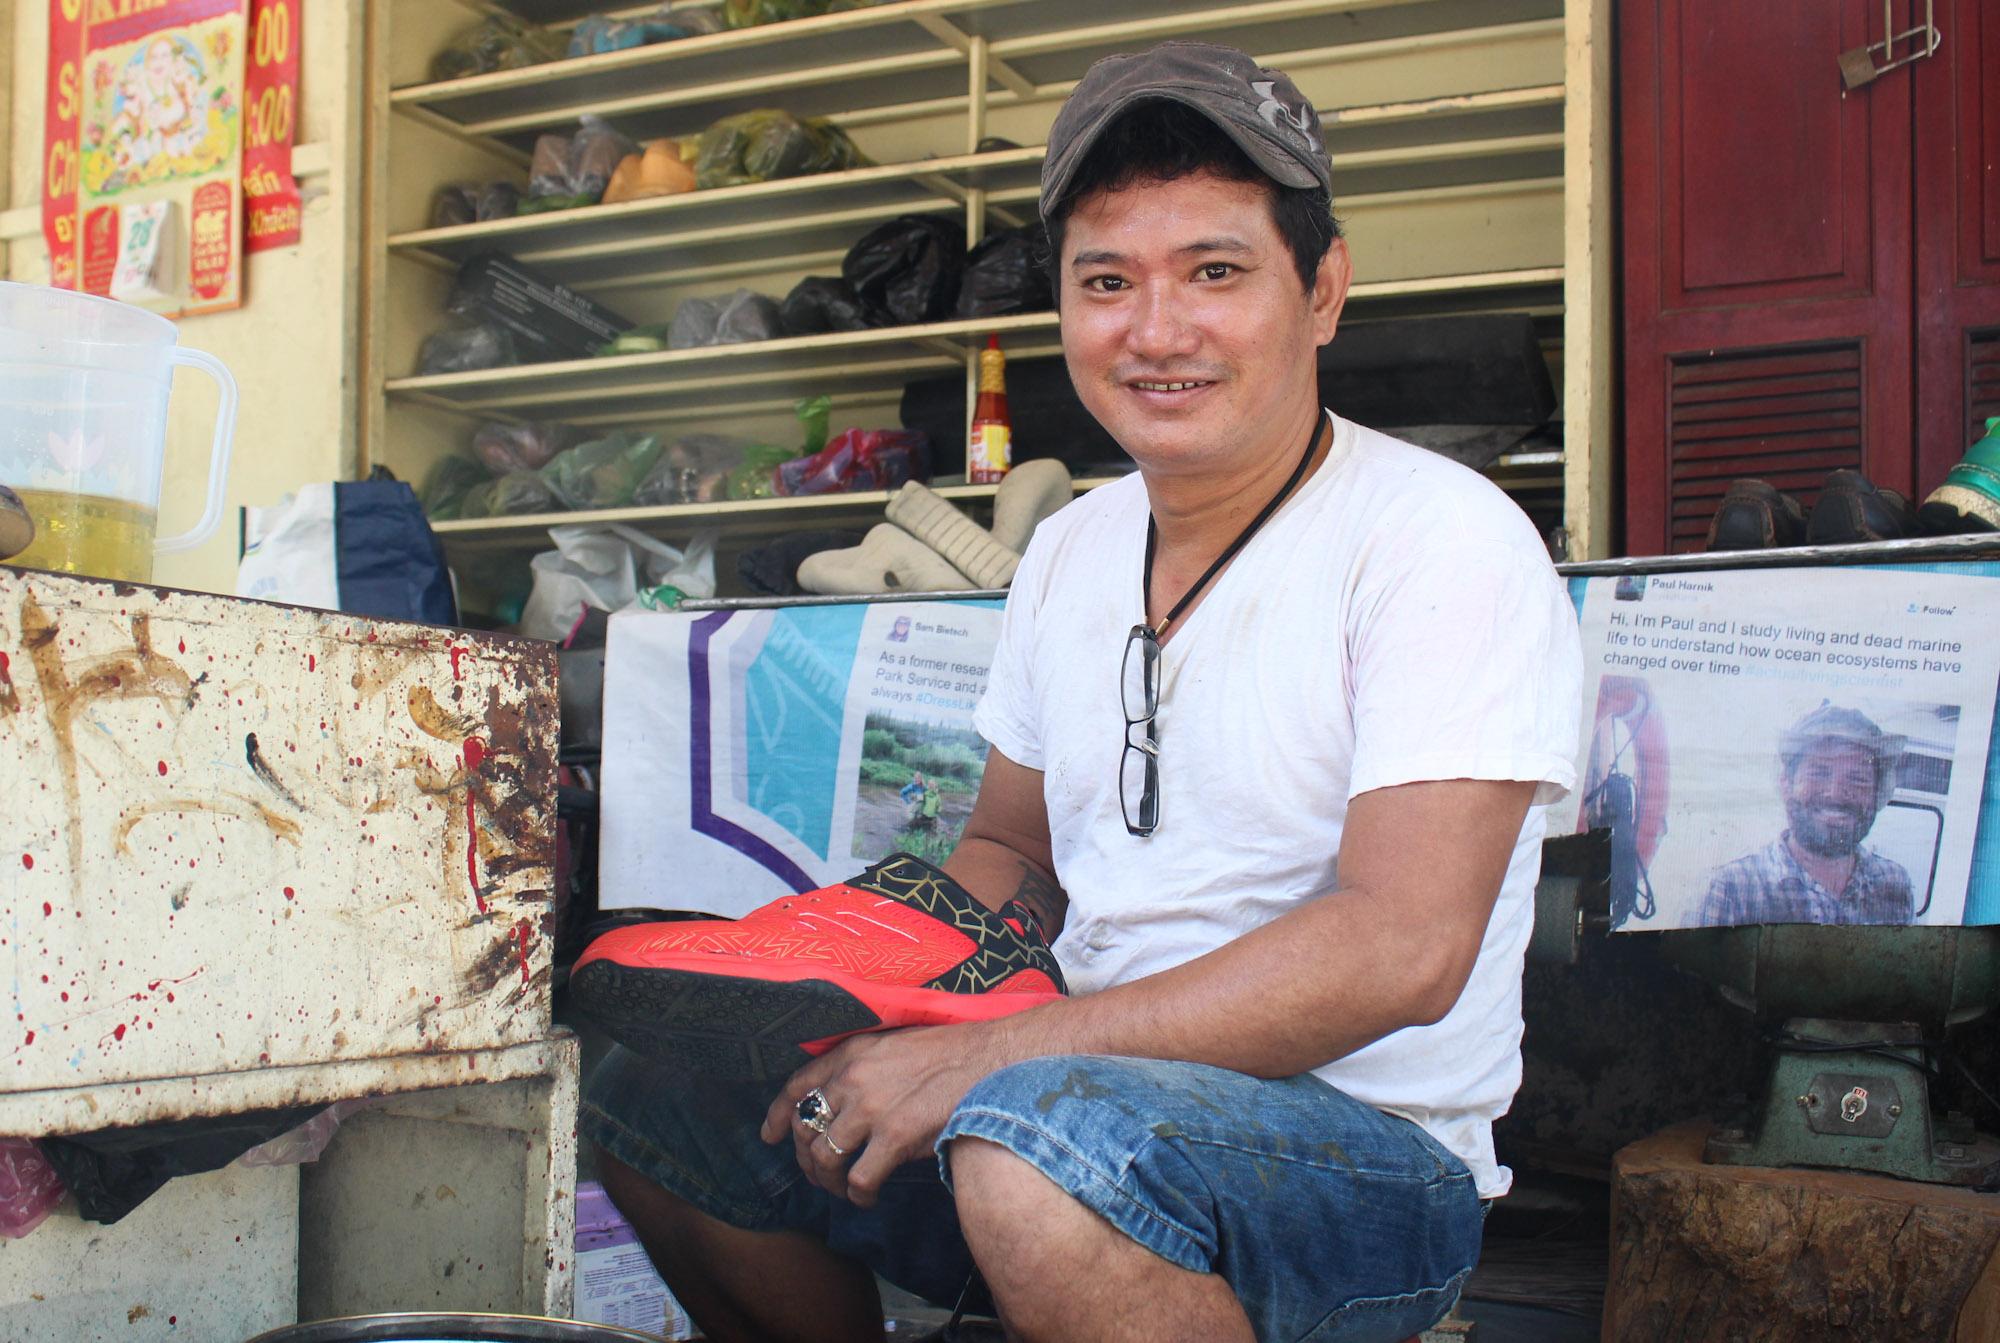 Anh Tuấn trong cửa tiệm cạnh nhà mình trưa ngày 4/5. Ảnh: Diệp Phan.